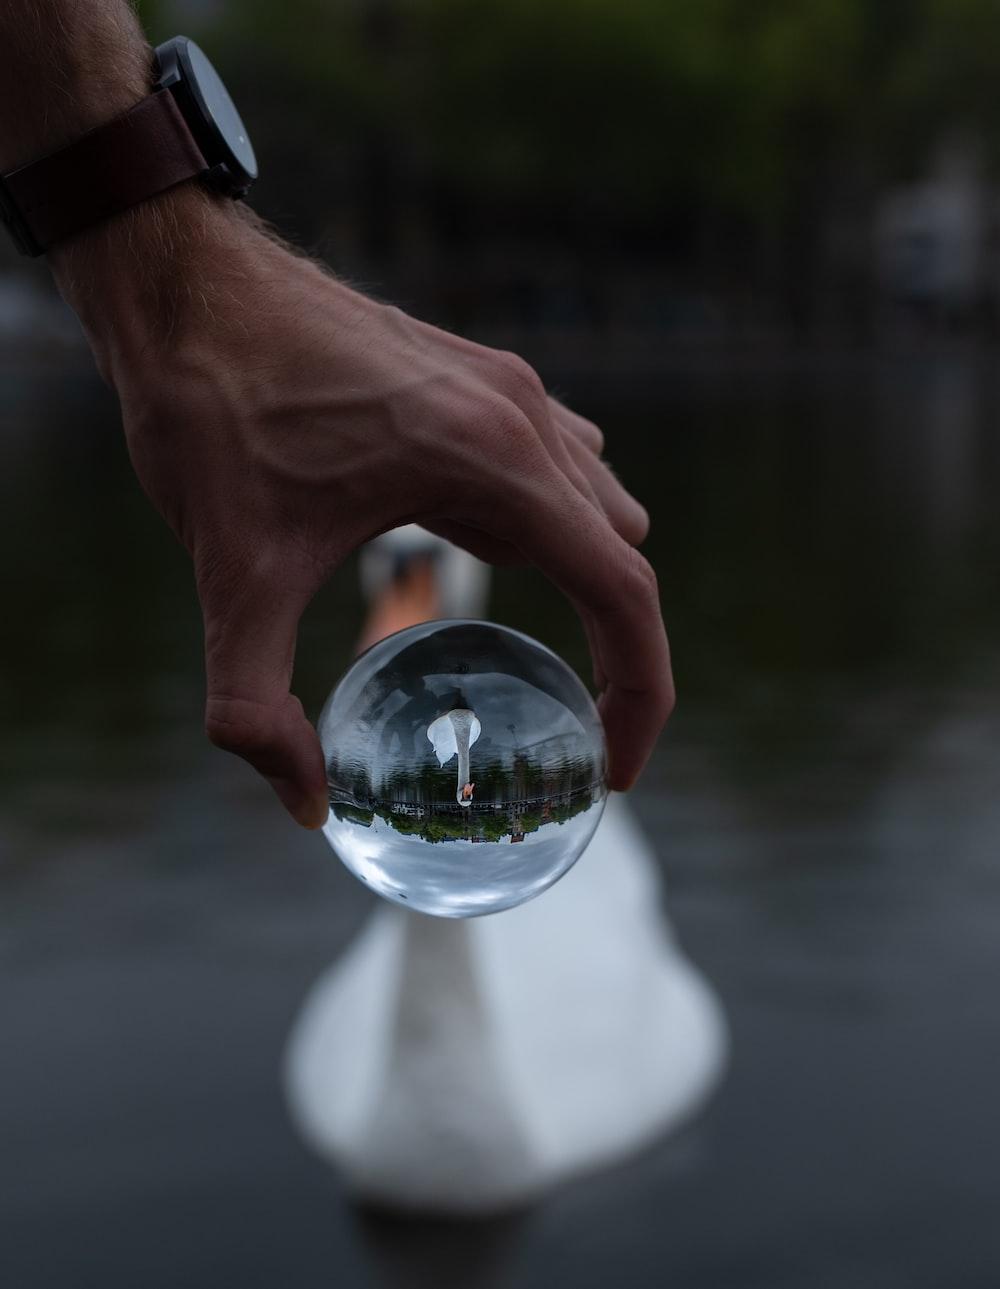 white swan seen through a clear glass ball